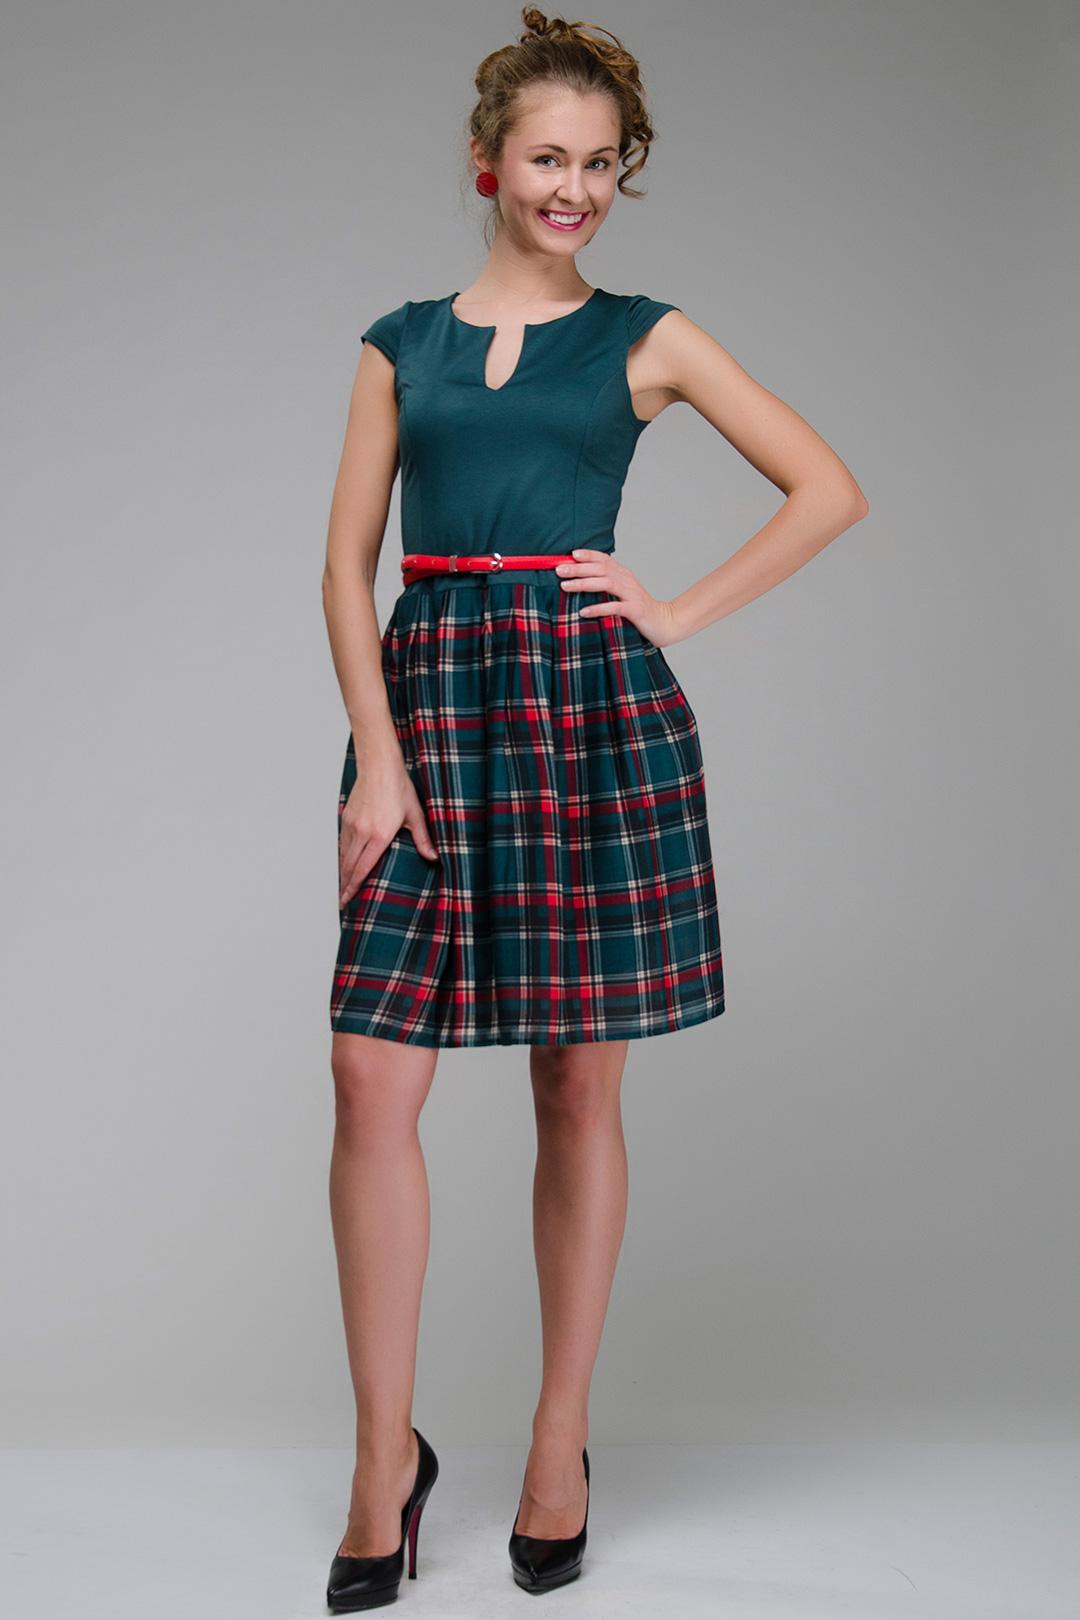 d27950c4203 Как пошить домашнее платье. Простейшее платье своими руками ...